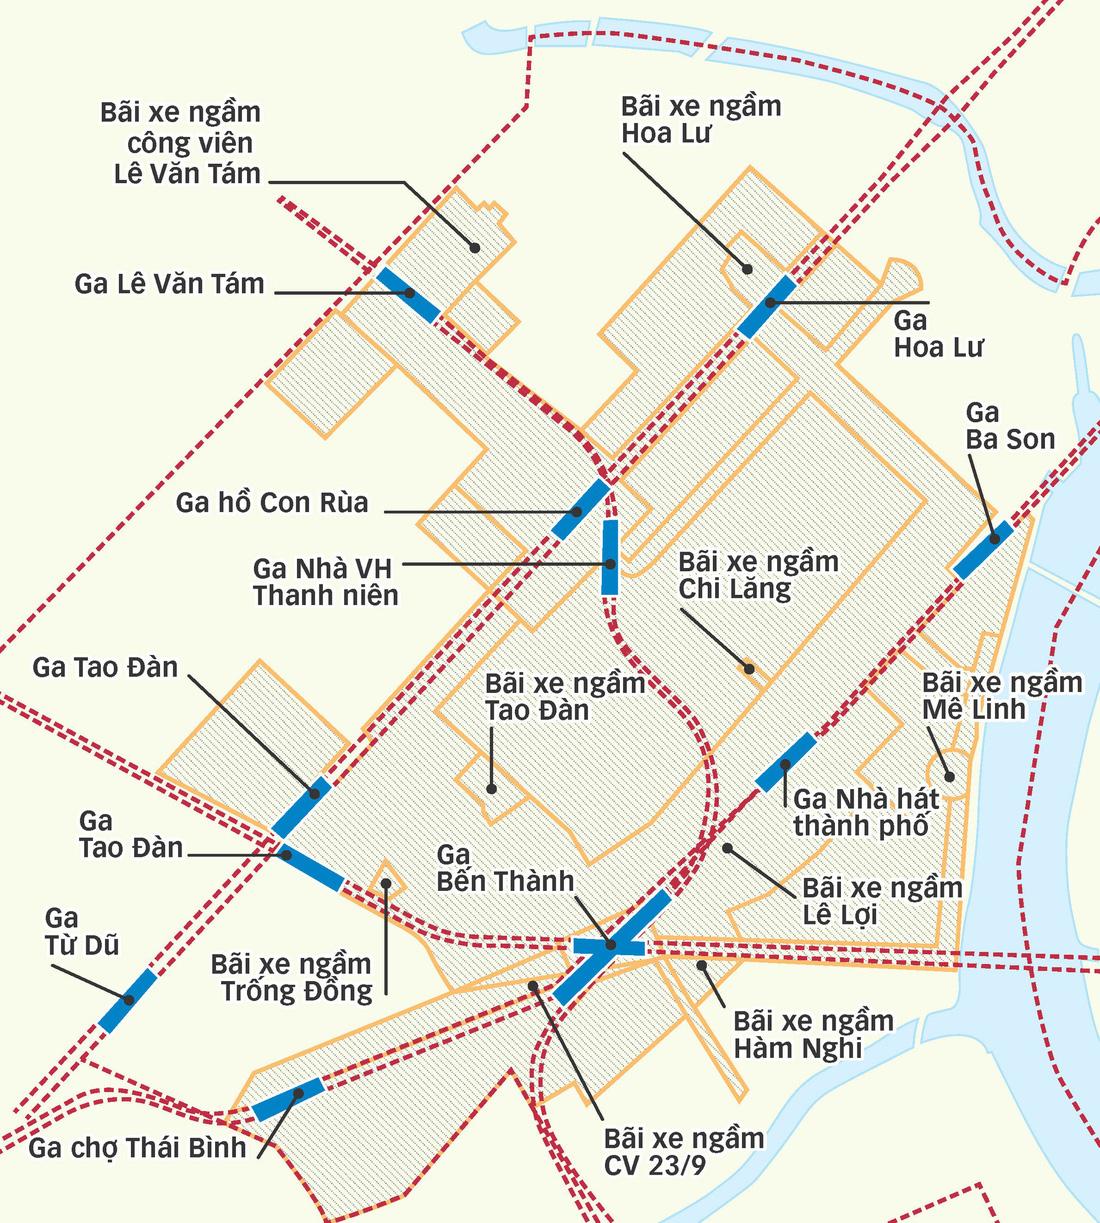 Lộ diện thành phố trong lòng đất TP.HCM - Ảnh 4.